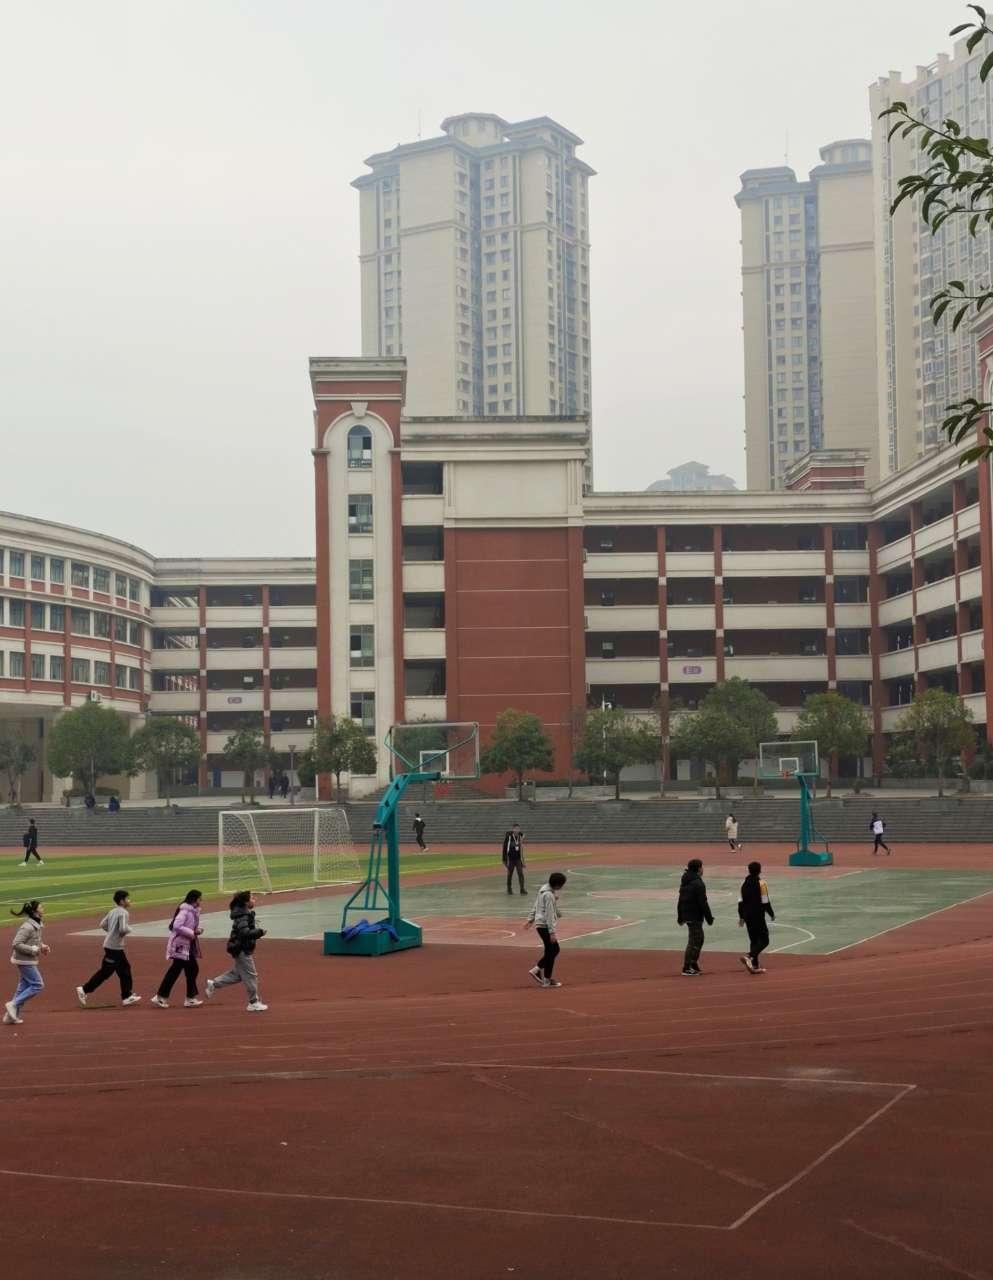 现在的学生,平时缺乏锻炼,达起标来很为难,身体素质堪忧